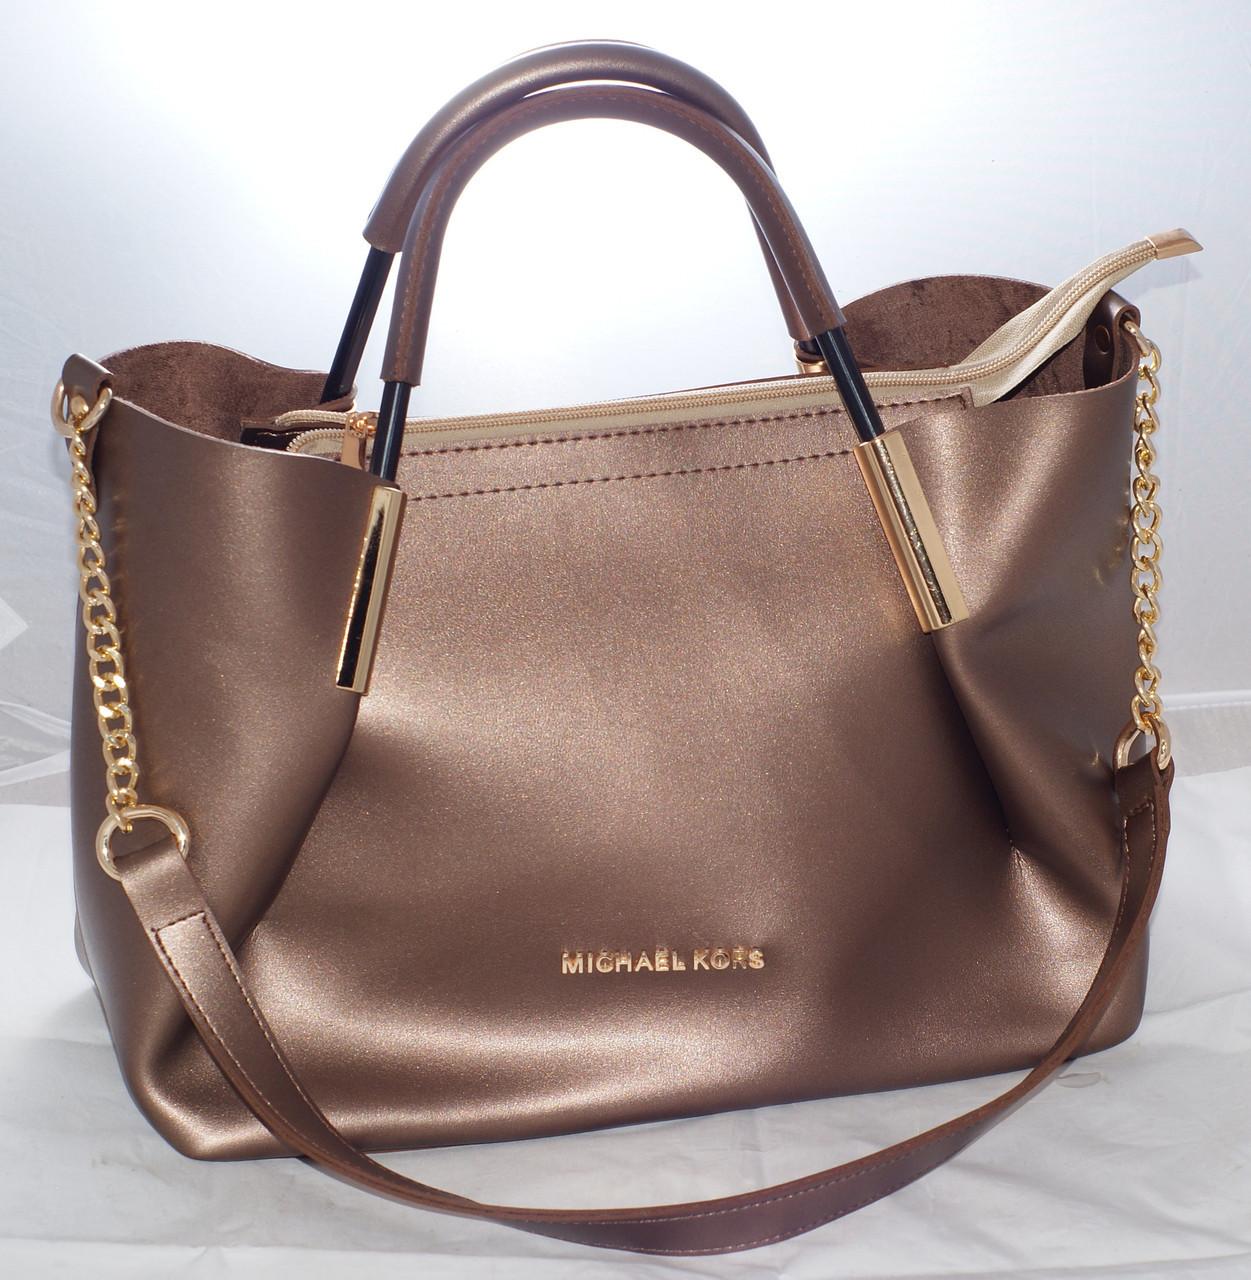 Женская сумка Michael Kors (Майкл Корс) с отстёгивающейся косметичкой,  бронзовая 0a6772d2936